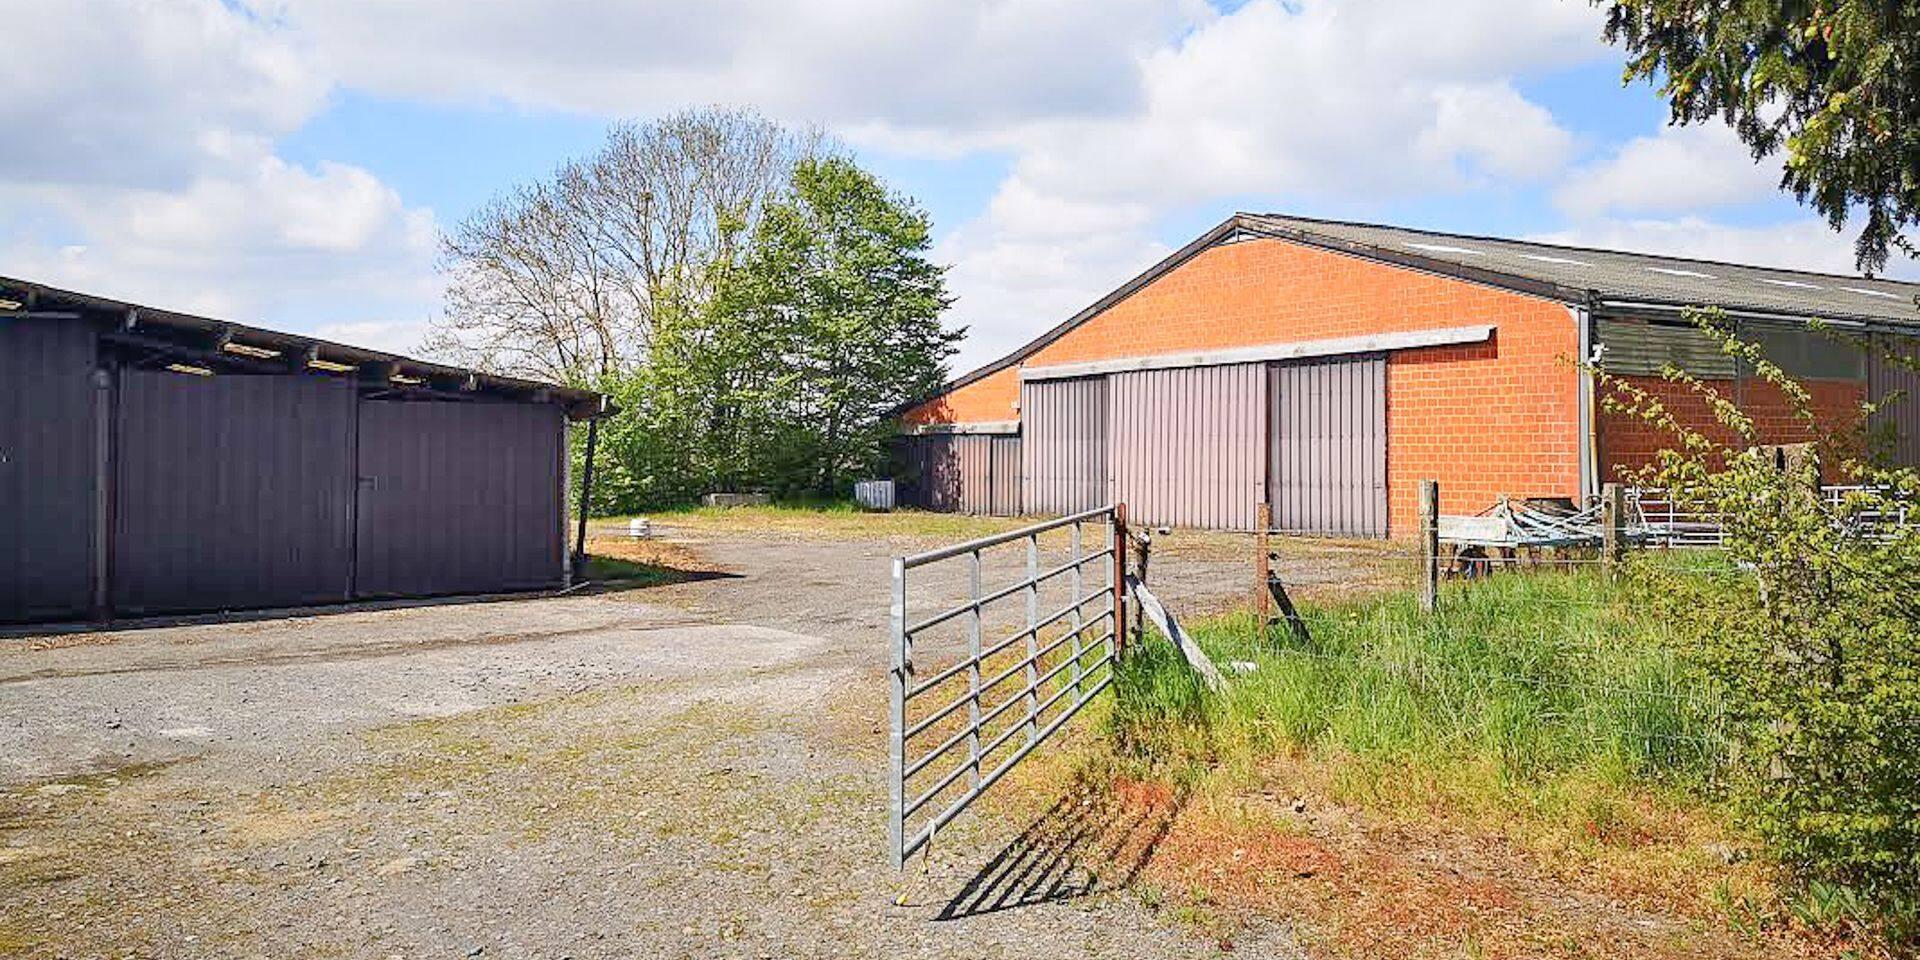 Chièvres: une ancienne ferme transformée en centre de loisirs